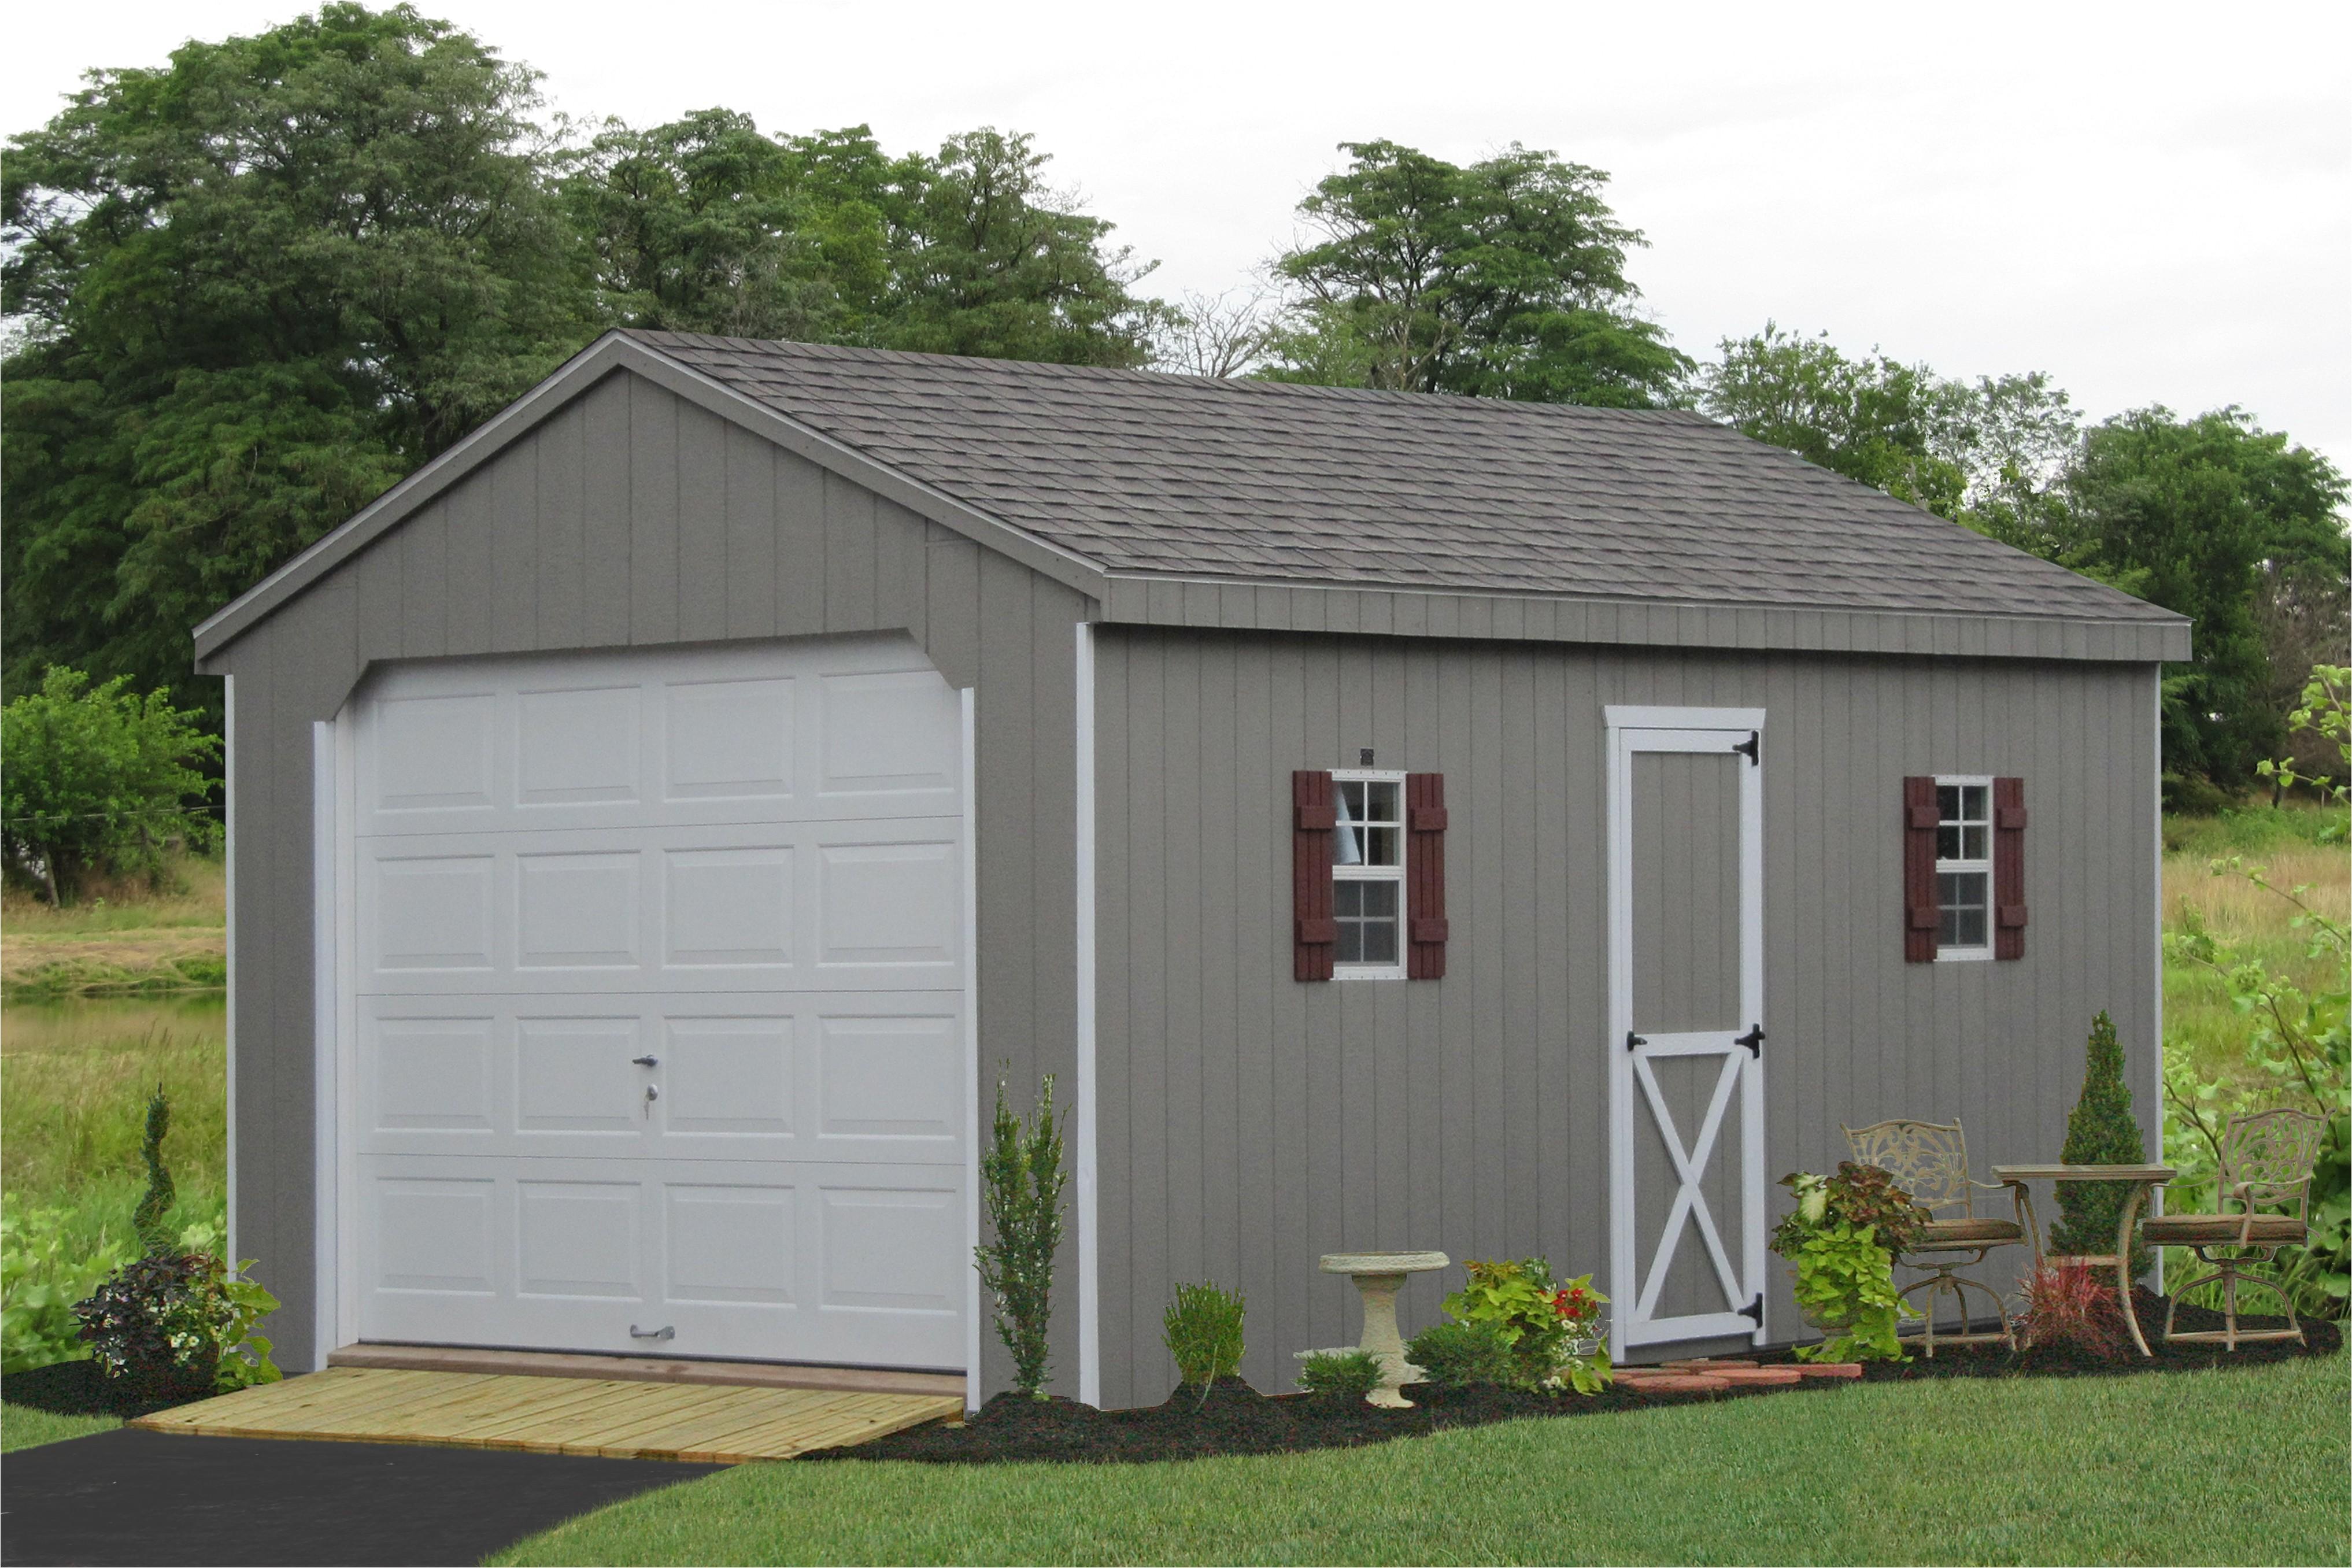 prefab 1 2 3 car garages for sale lancaster pa